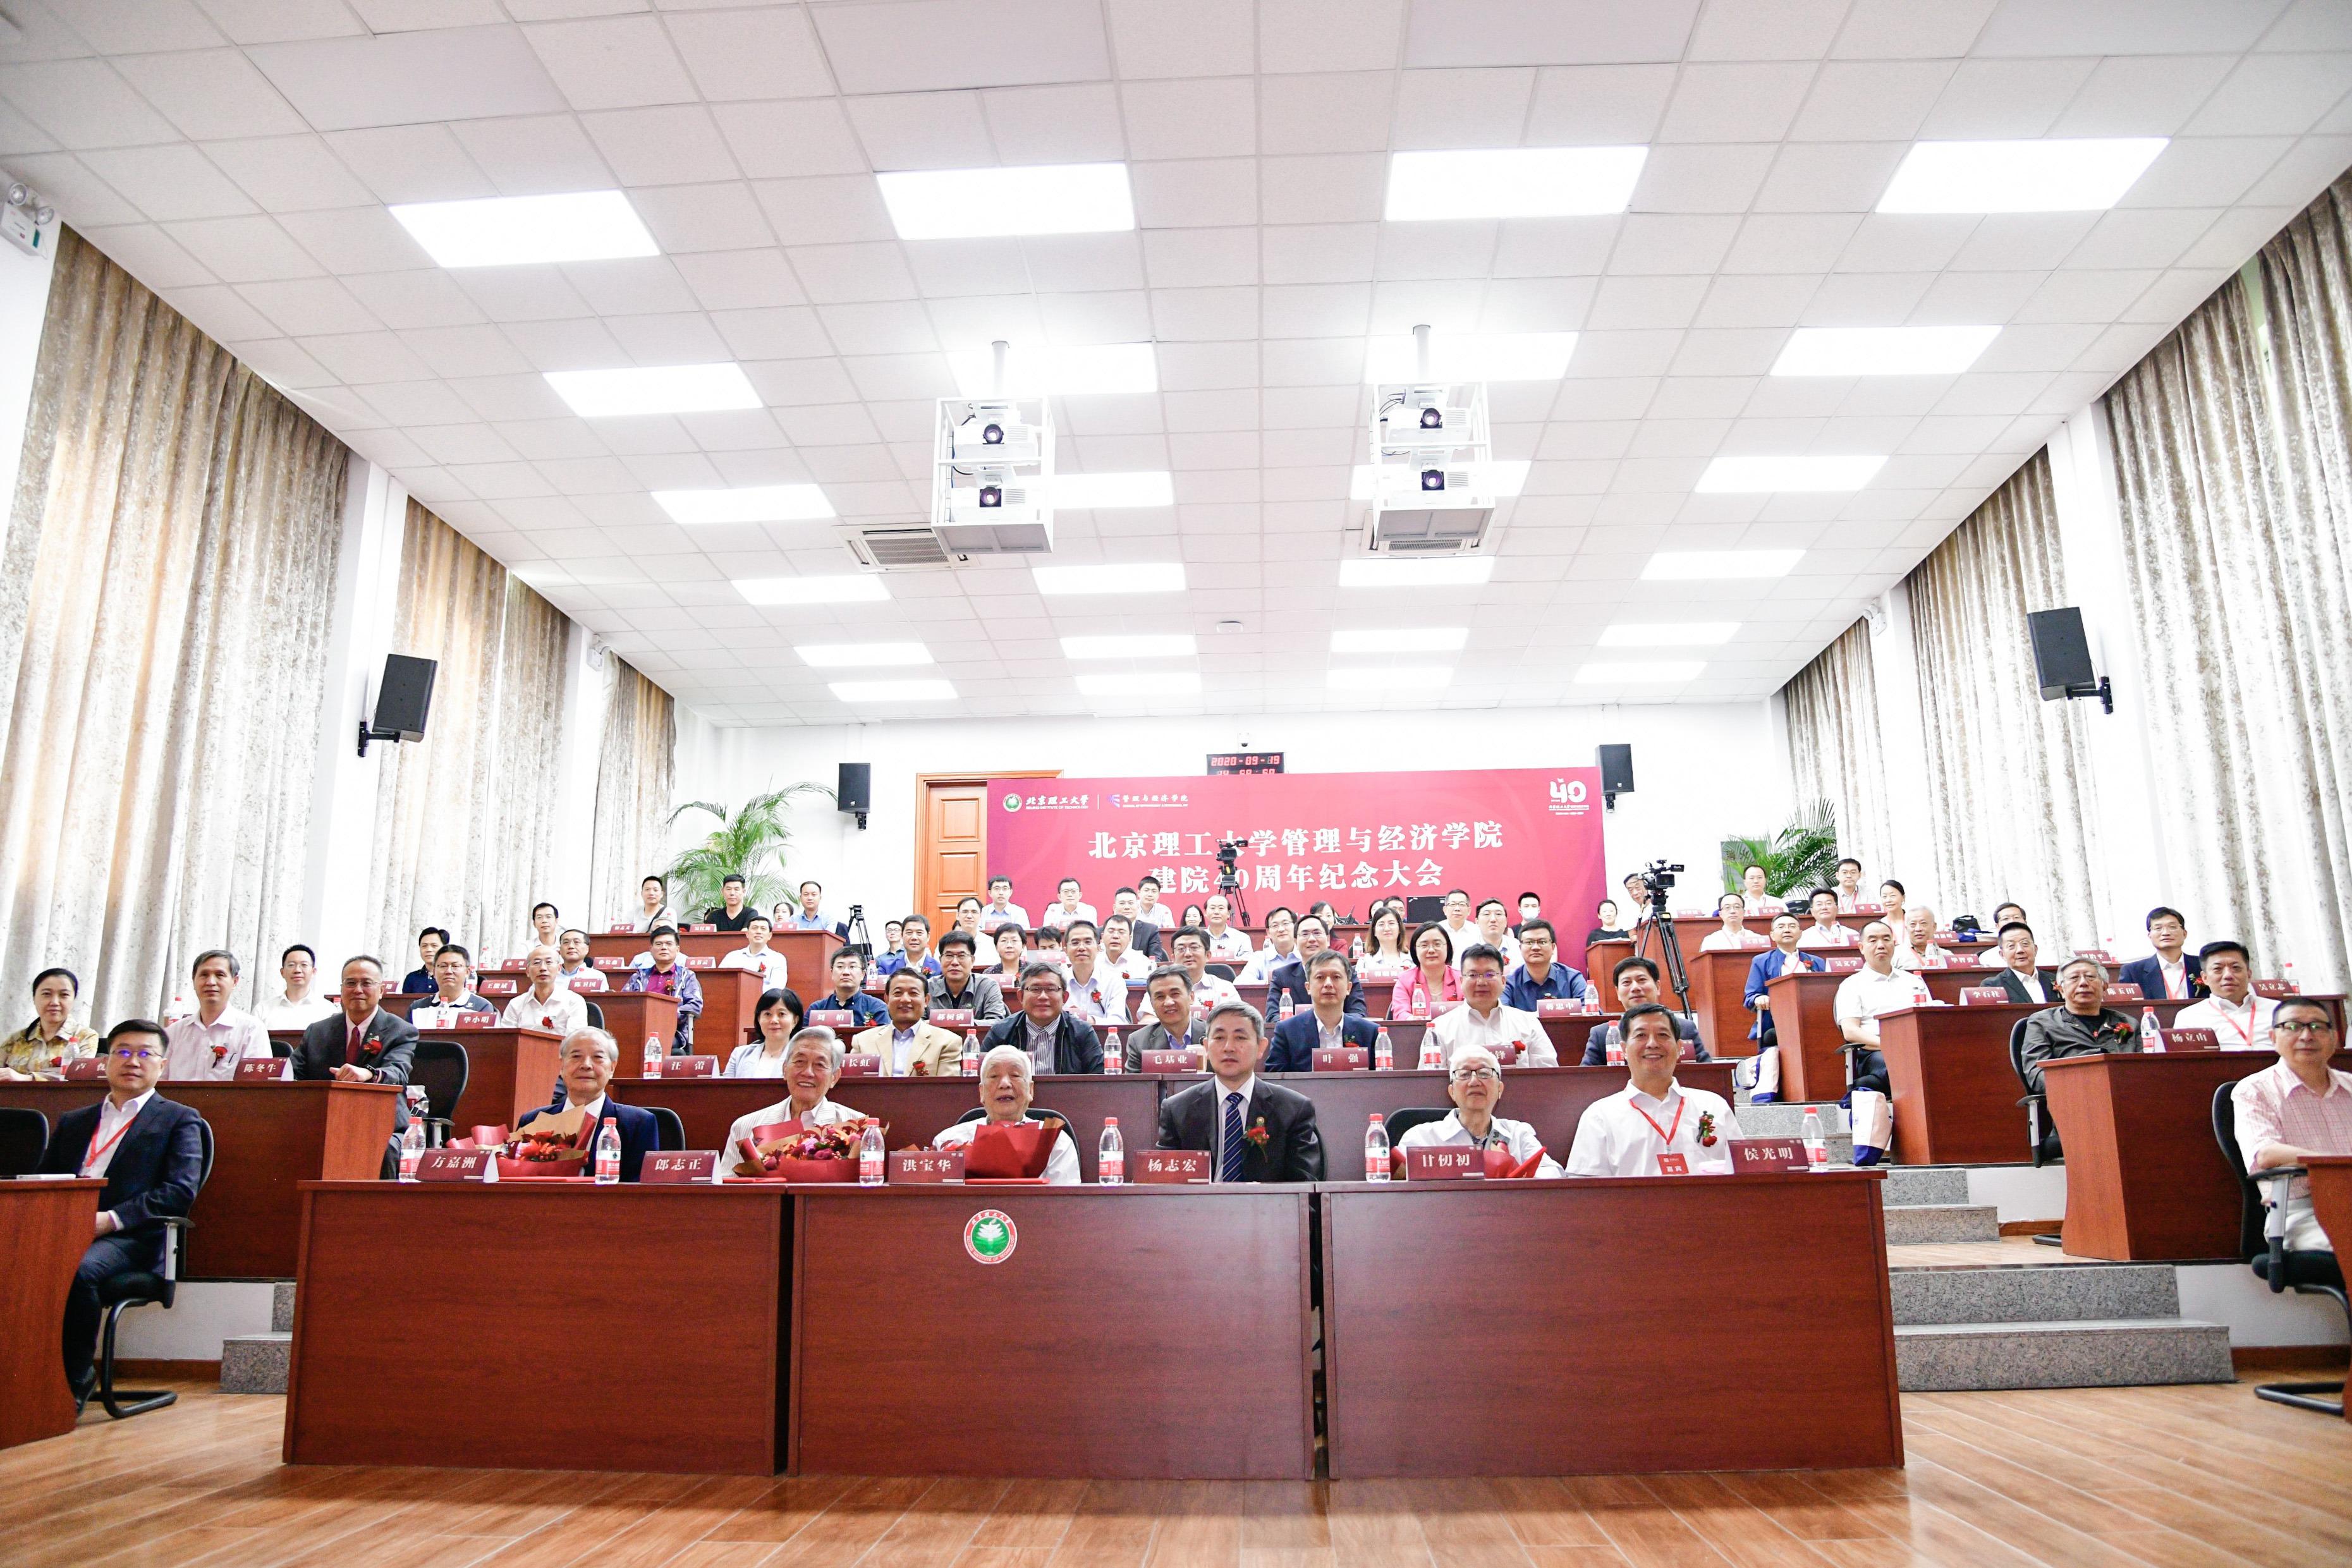 北京理工大学管经院建院40周年:忆管经征程,迈世界一流